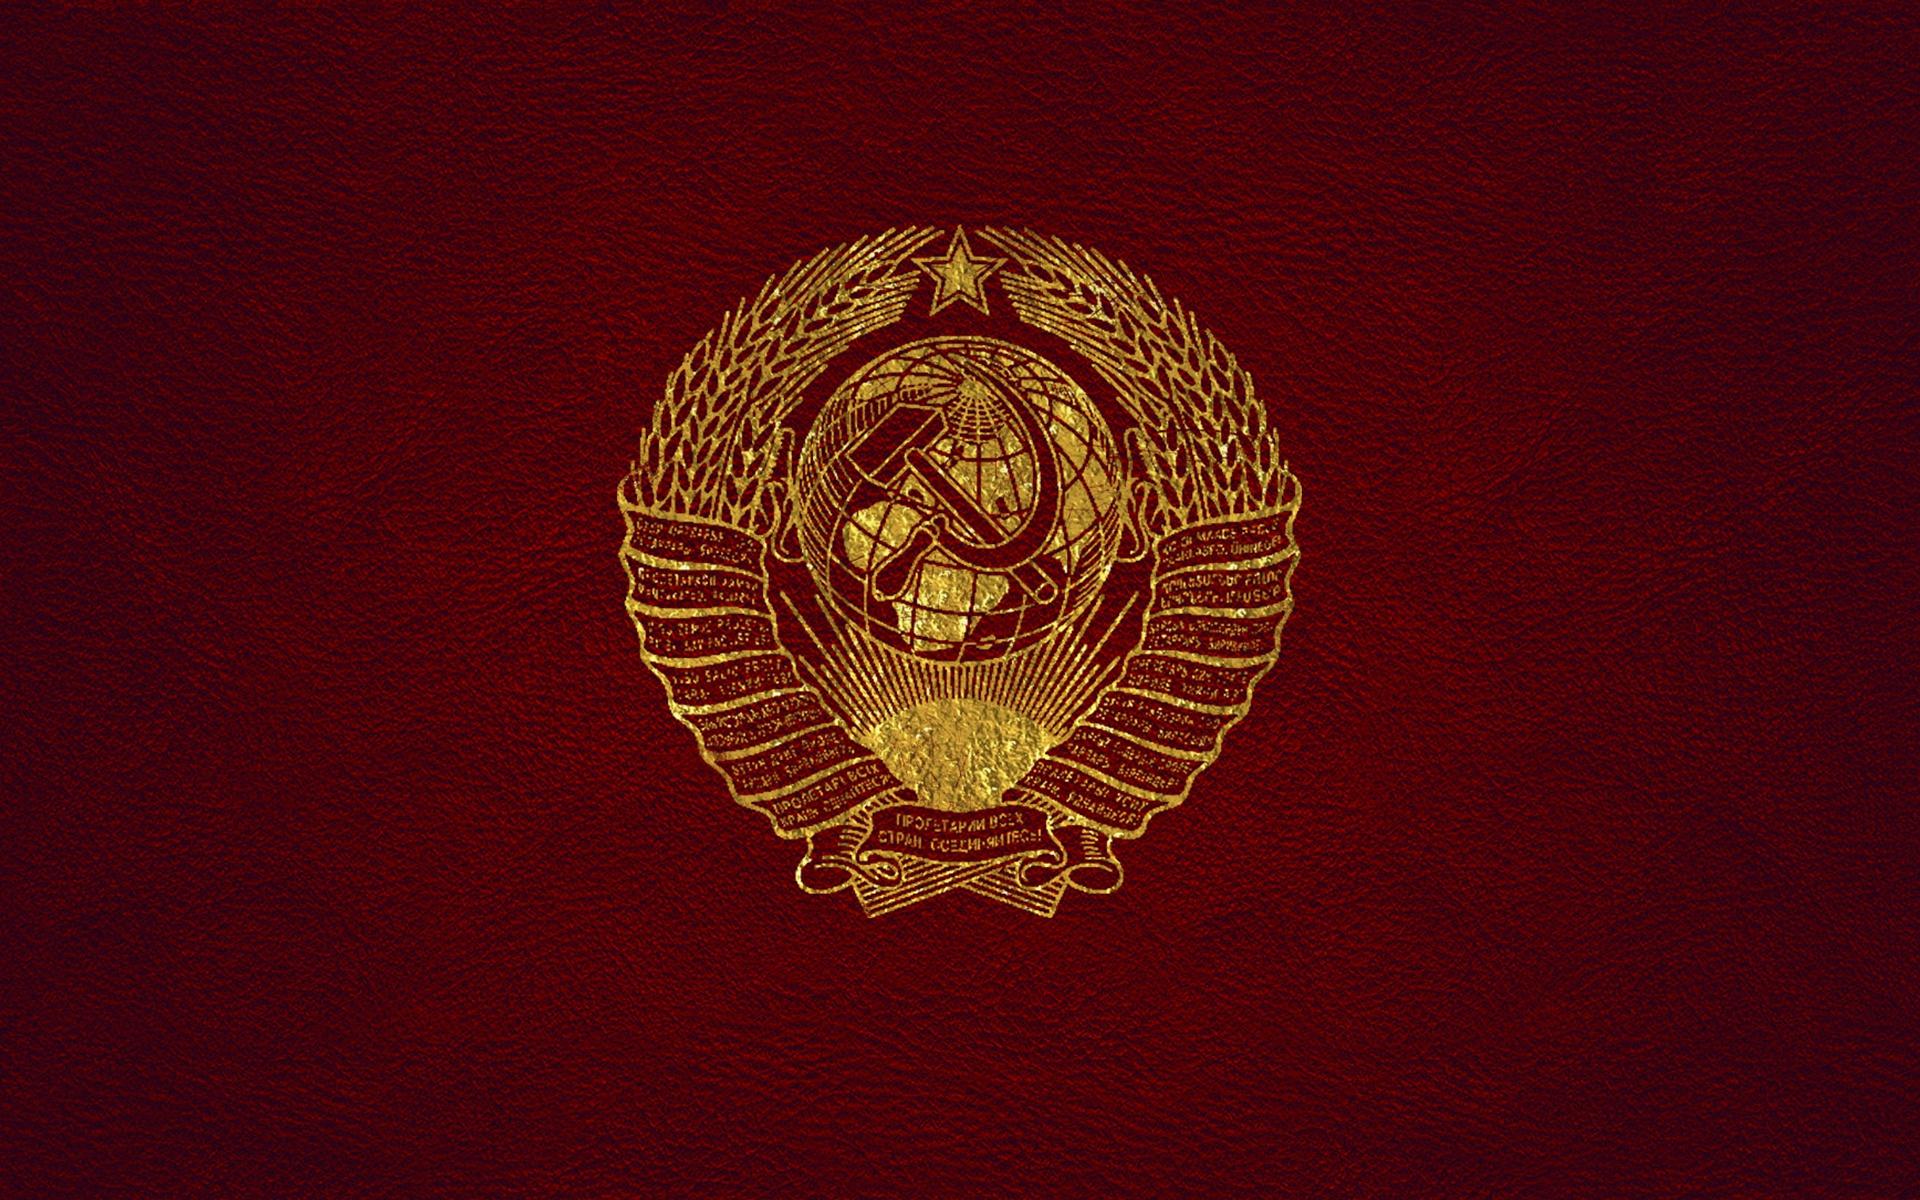 герб ссср фото высокого качества на рабочий